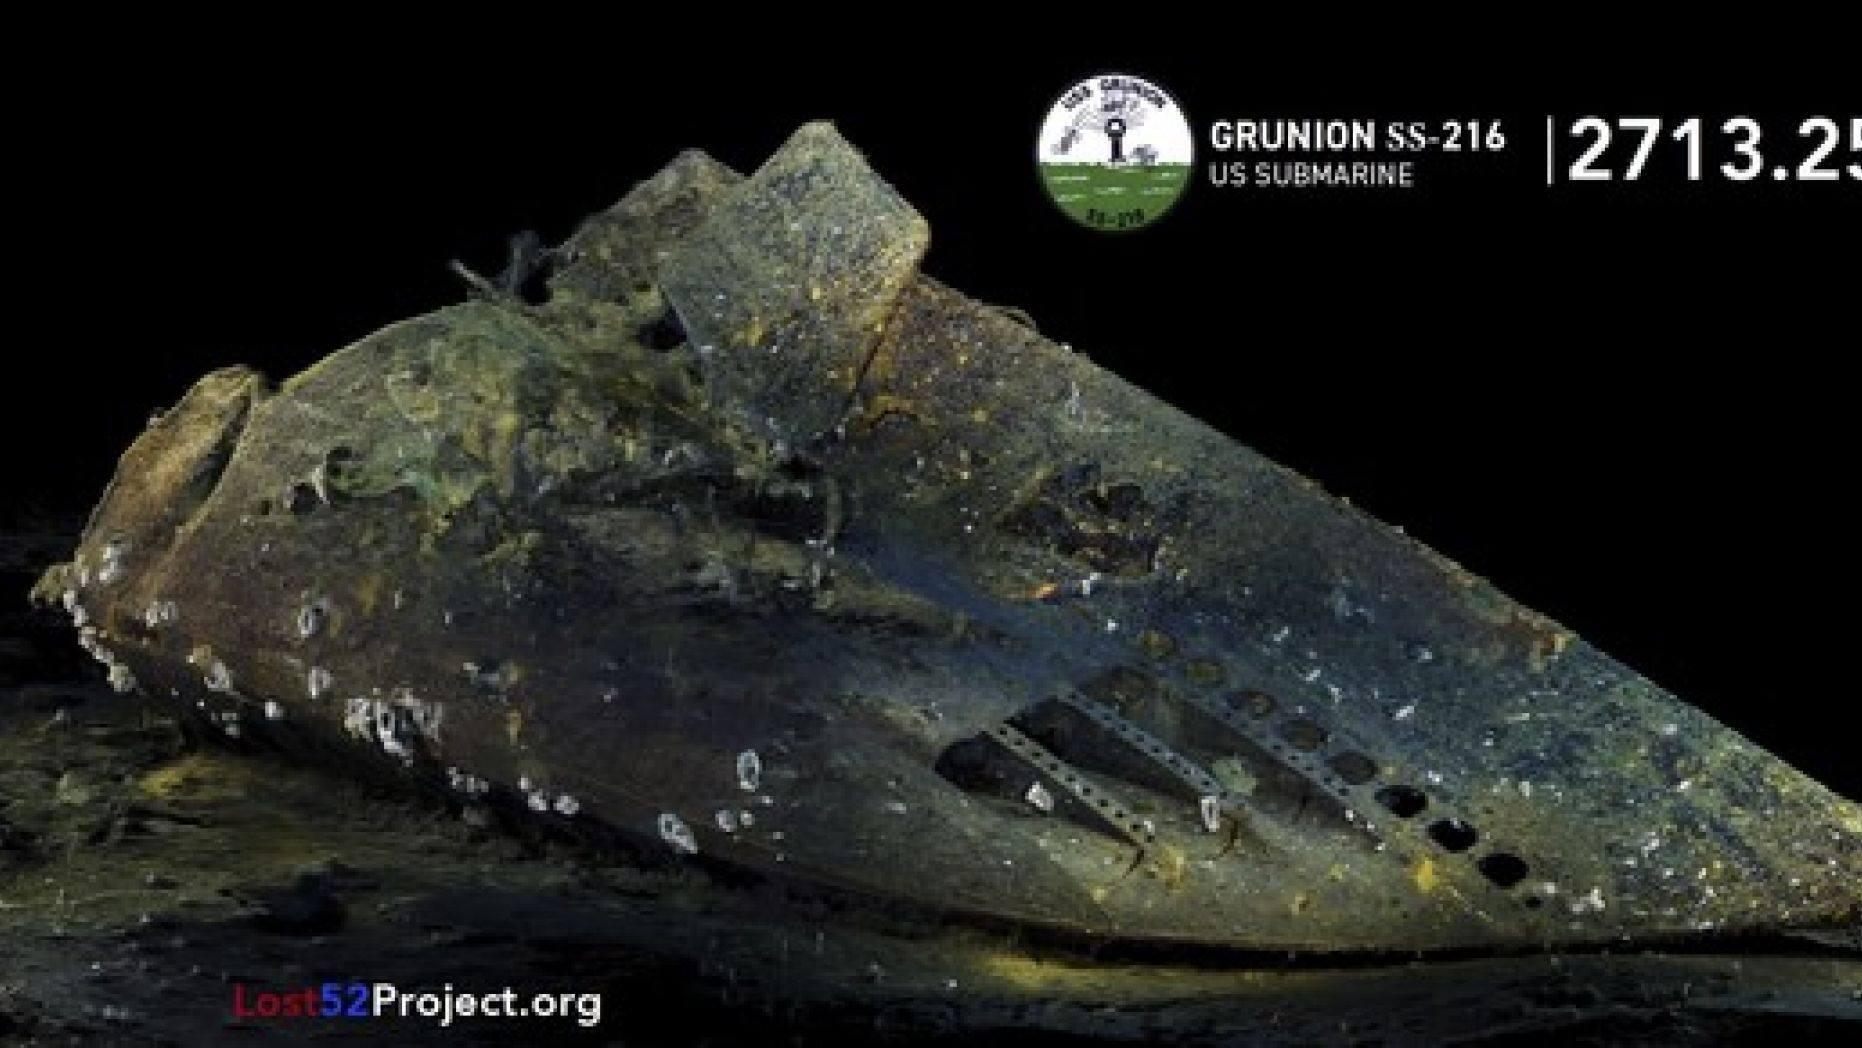 У берегов Аляски обнаружен нос субмарины, затонувшей 77 лет назад